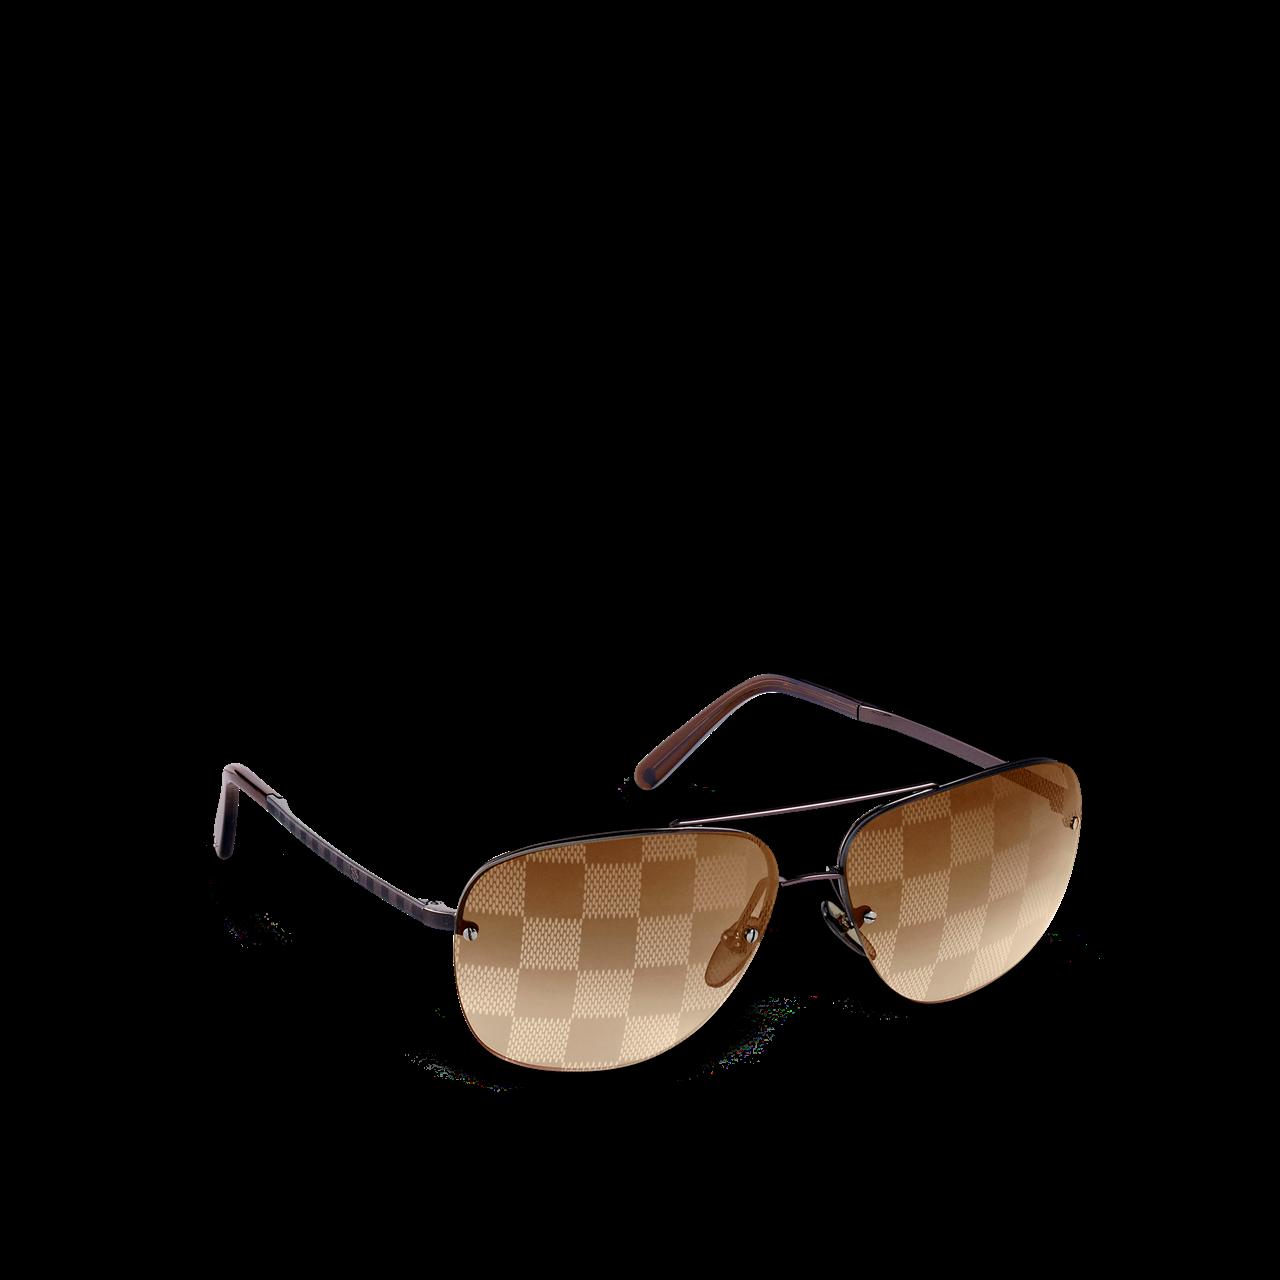 c88a6257ab Picture of Louis Vuitton Sunglasses Damier